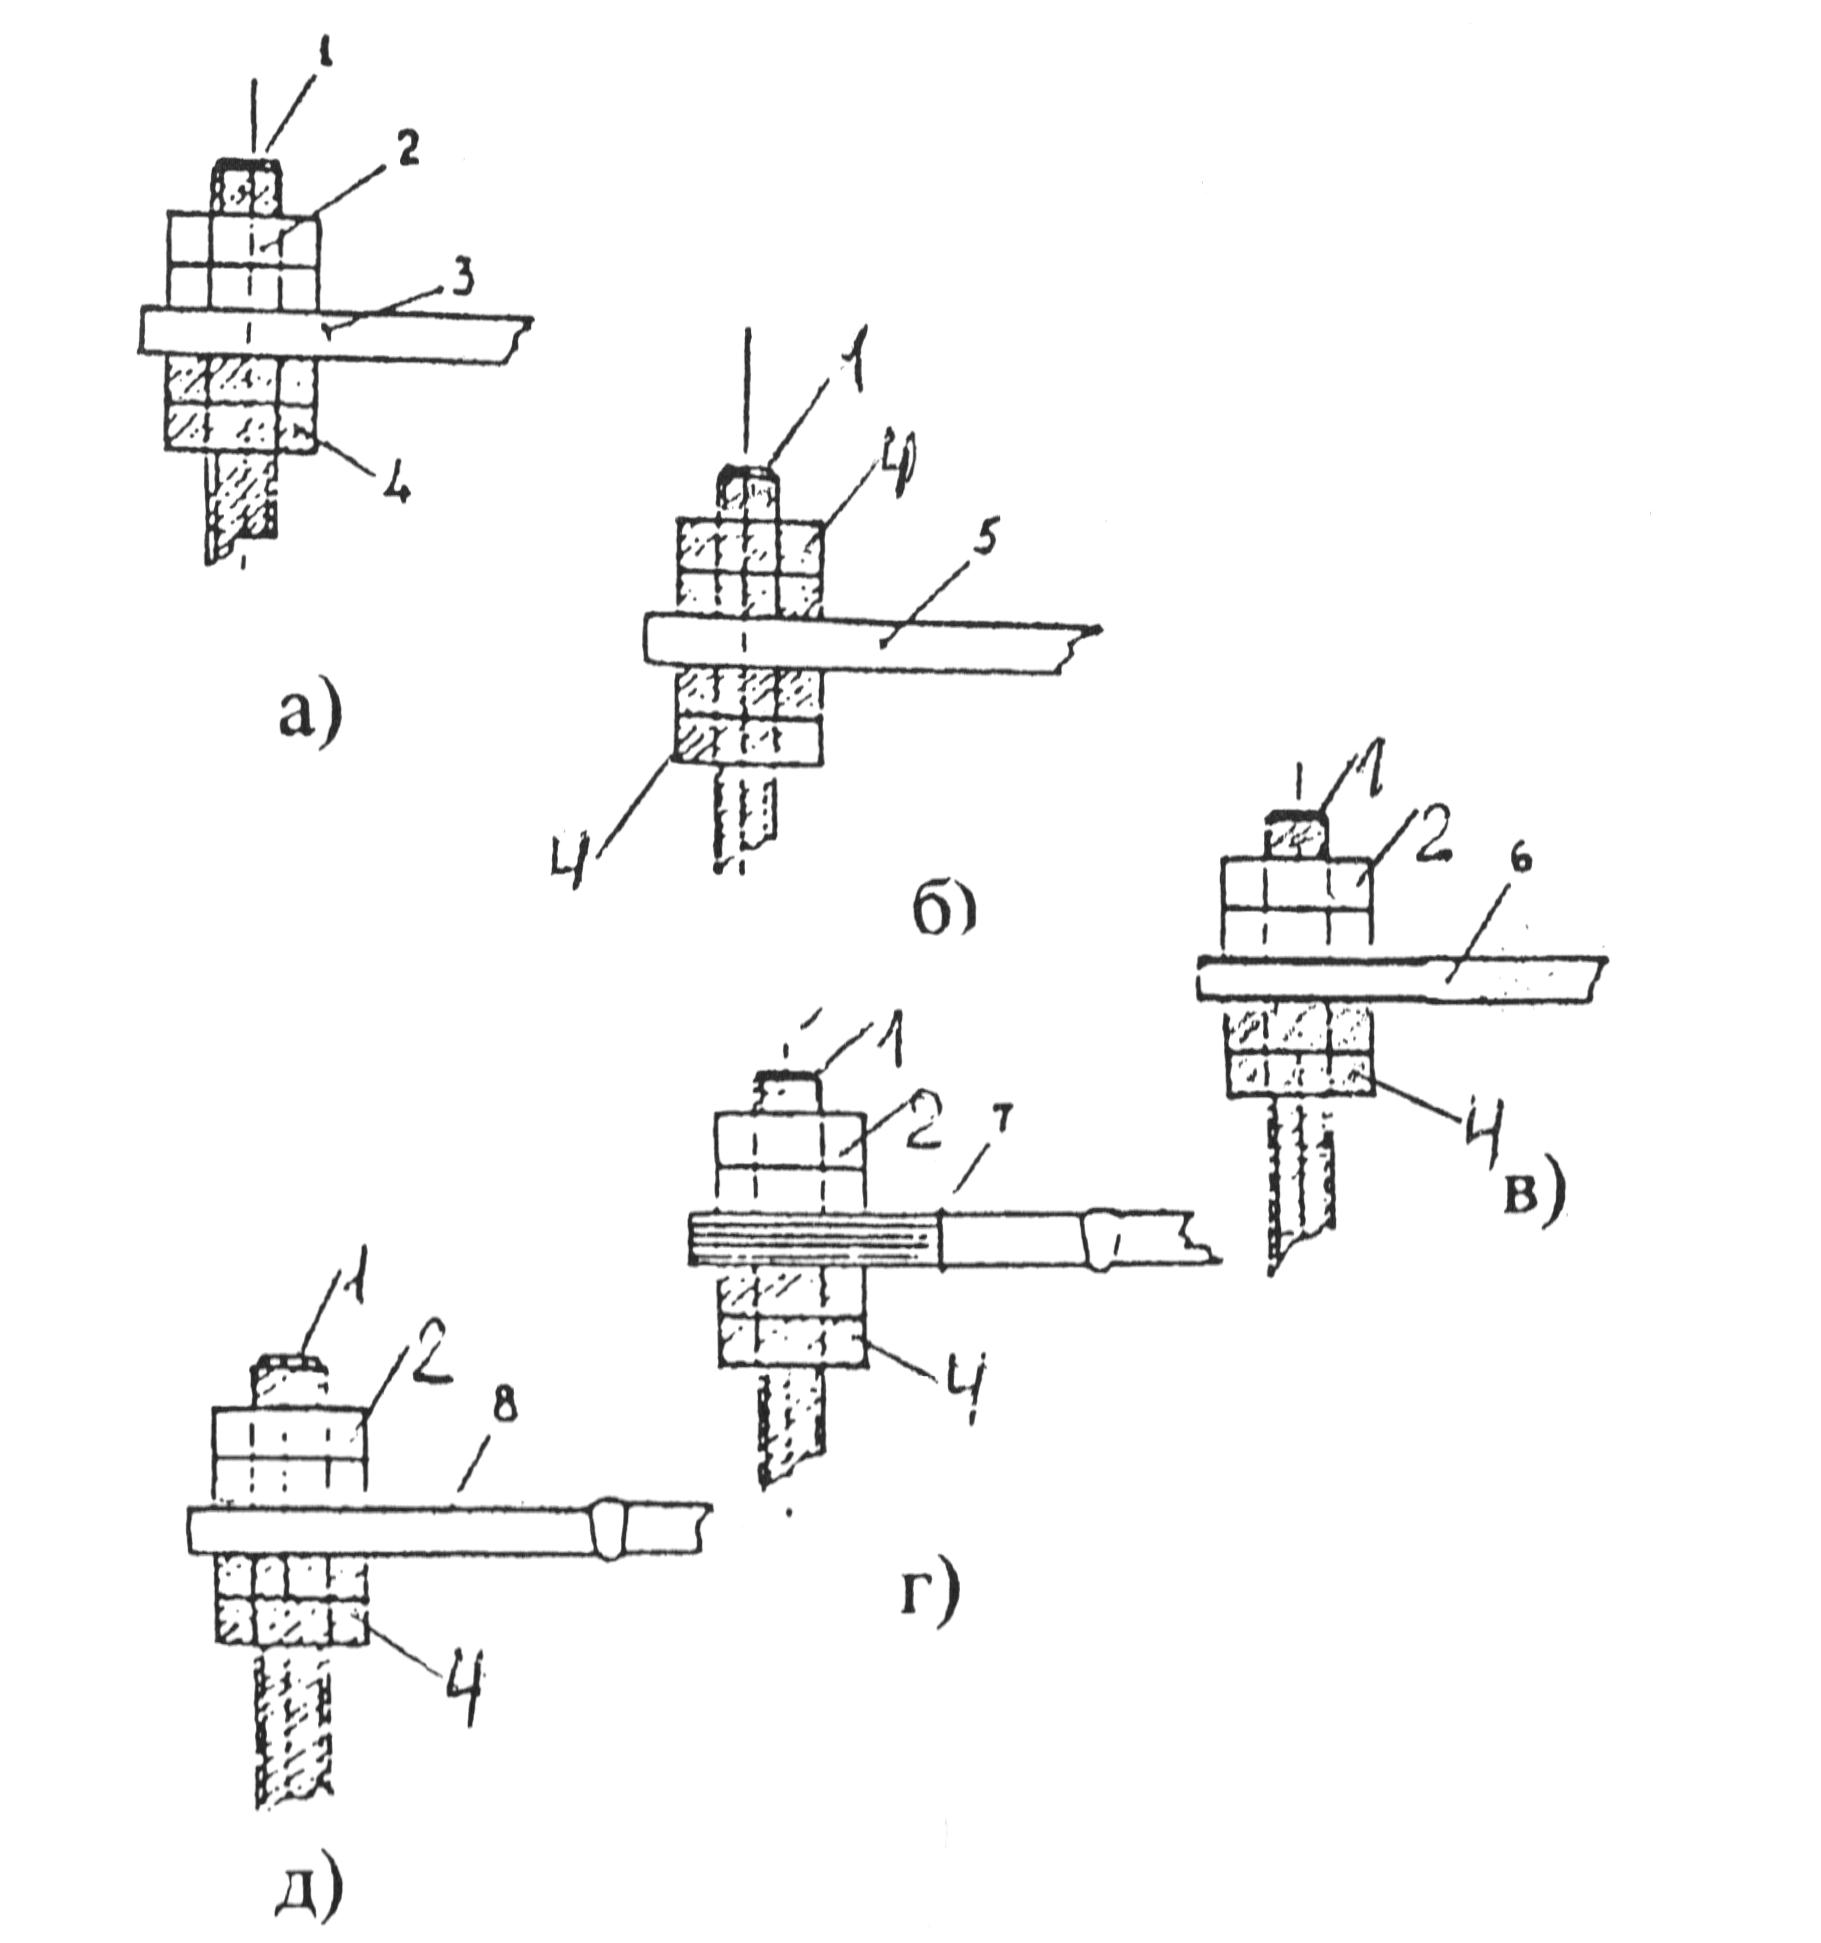 Соединения со штыревыми выводами - а) без средств стабилизации, б,в,г,д) со средствами стабилизации